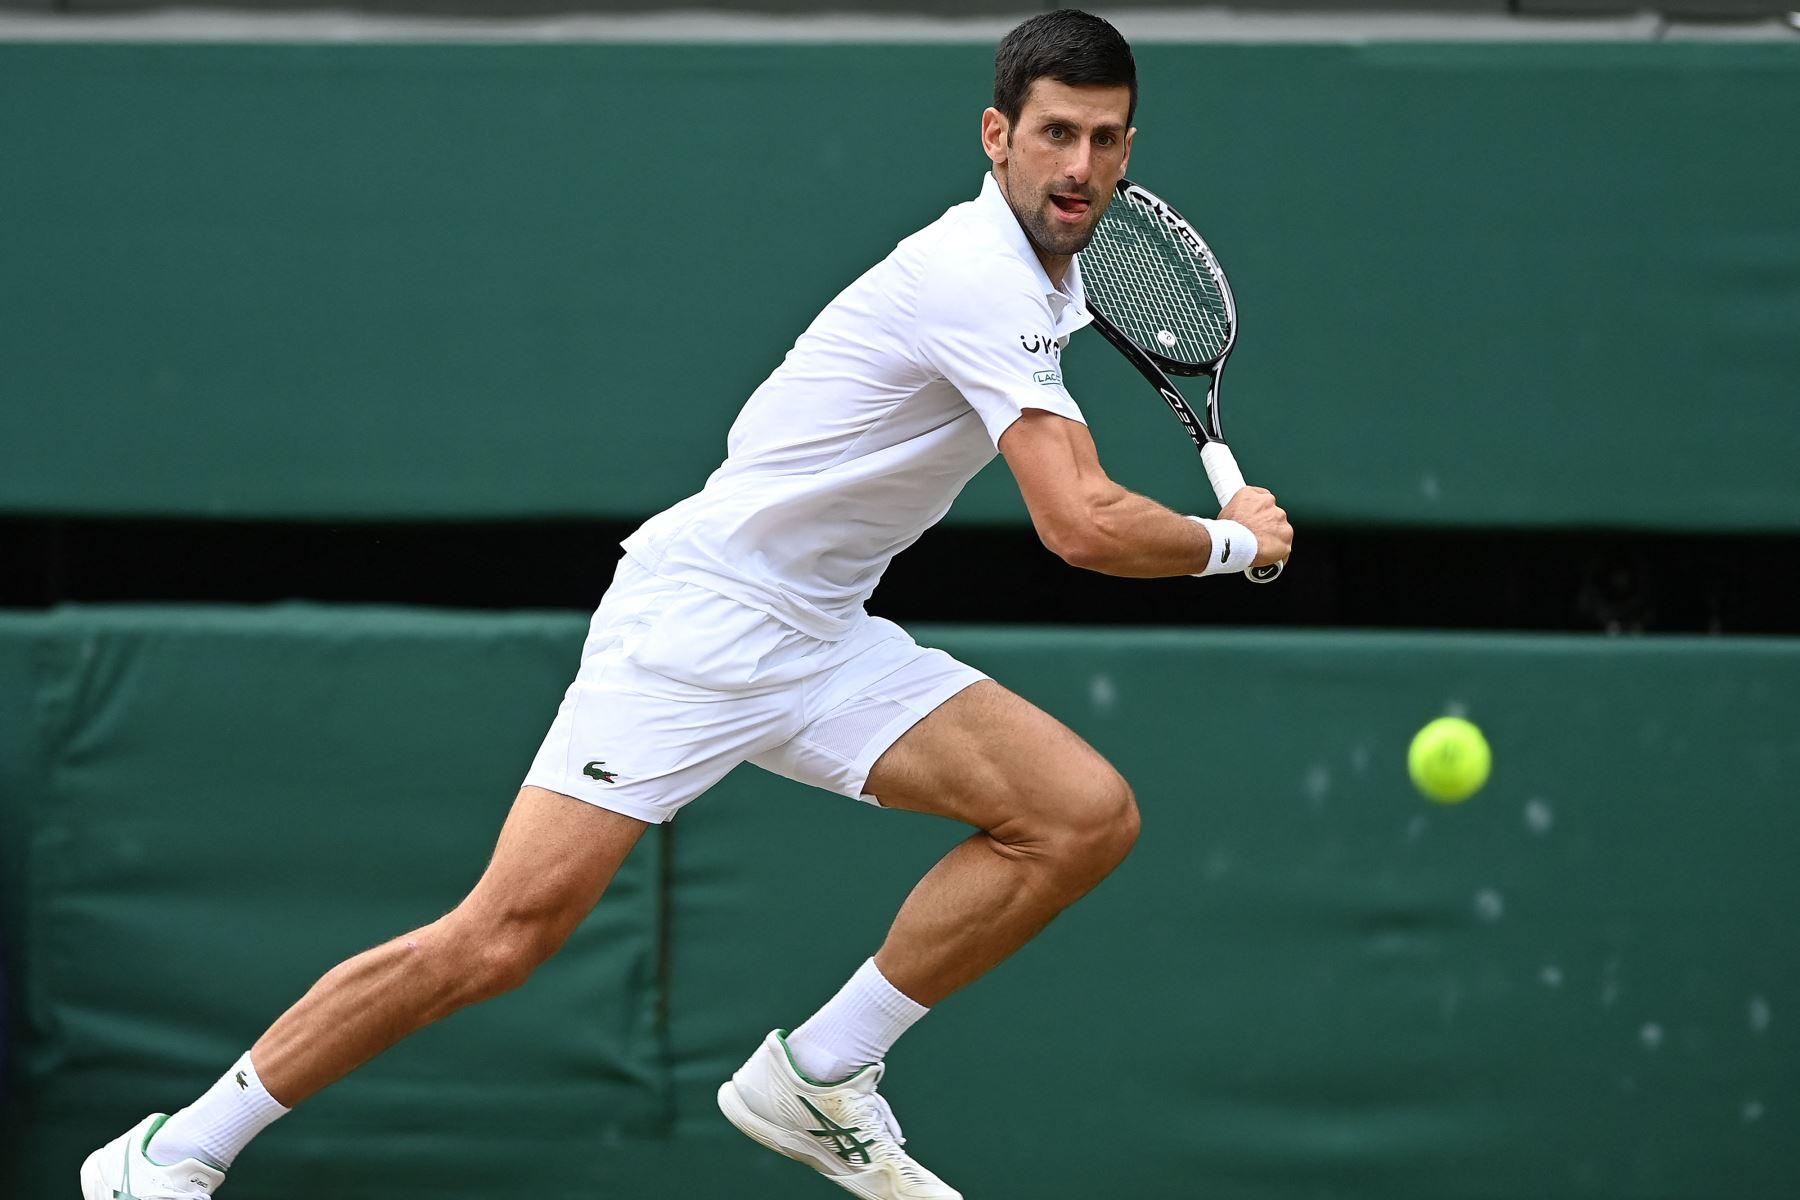 El serbio Novak Djokovic regresa al italiano Matteo Berrettini durante el partido final de individuales masculinos en el decimotercer día del Campeonato de Wimbledon 2021. Foto: AFP